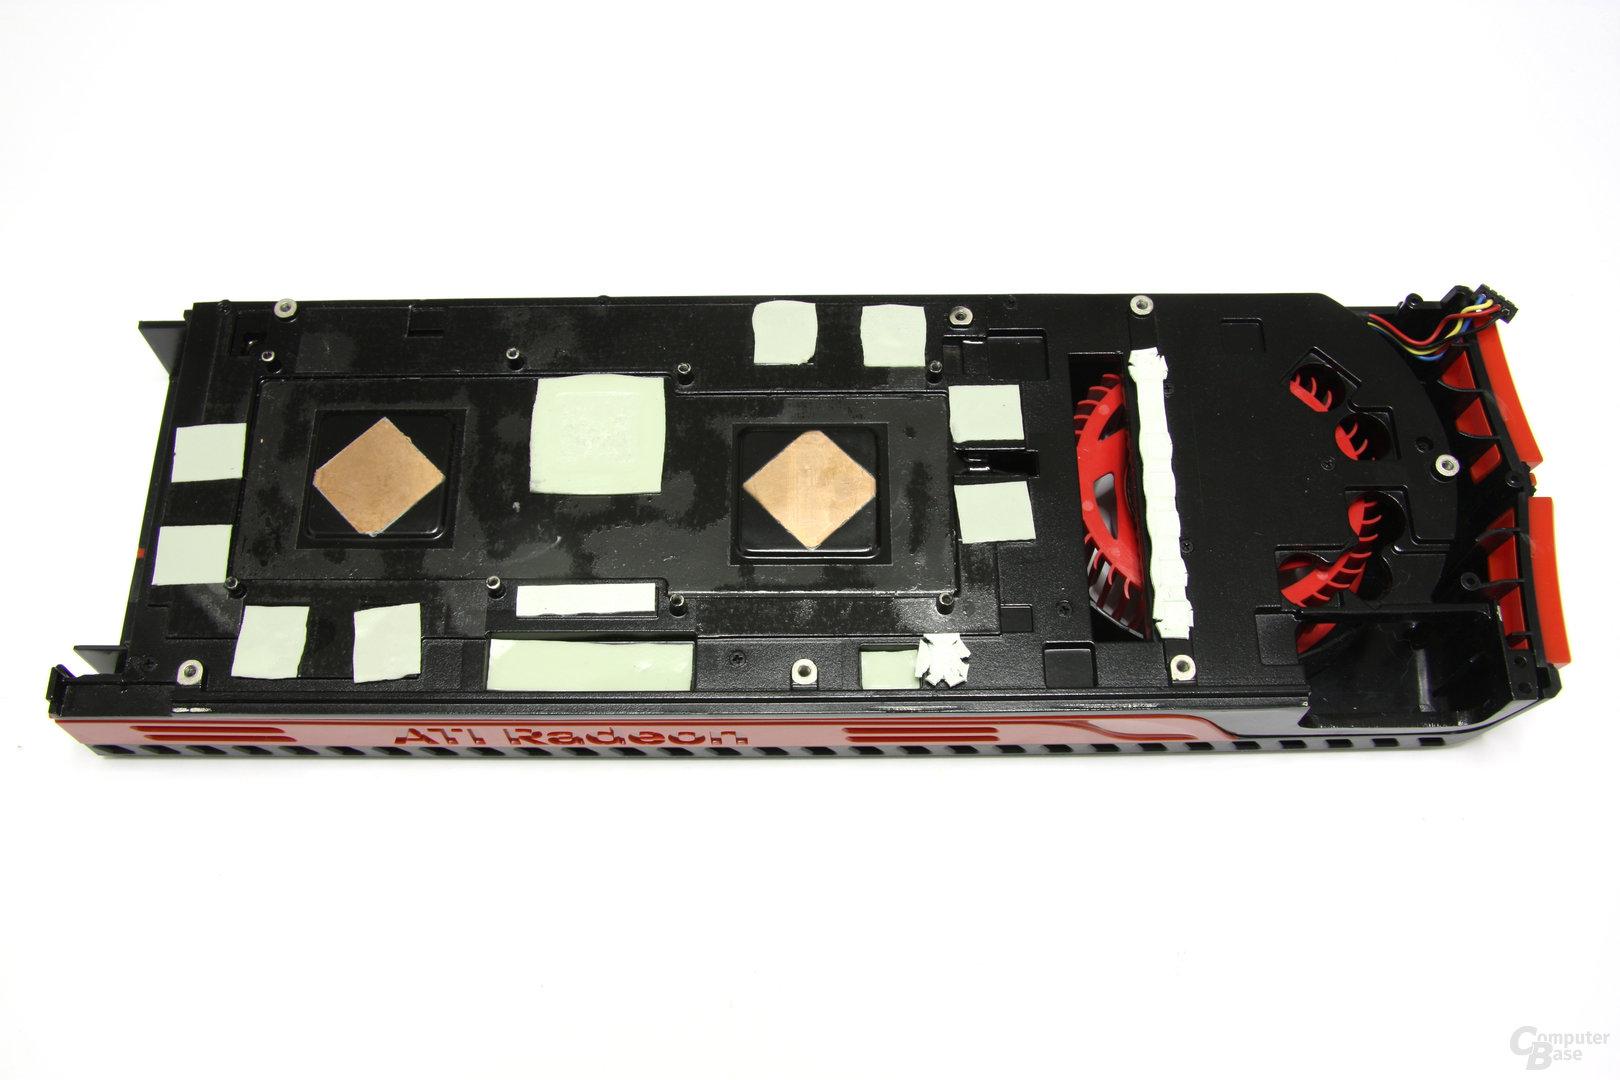 Radeon HD 5970 Kühlerrückseite